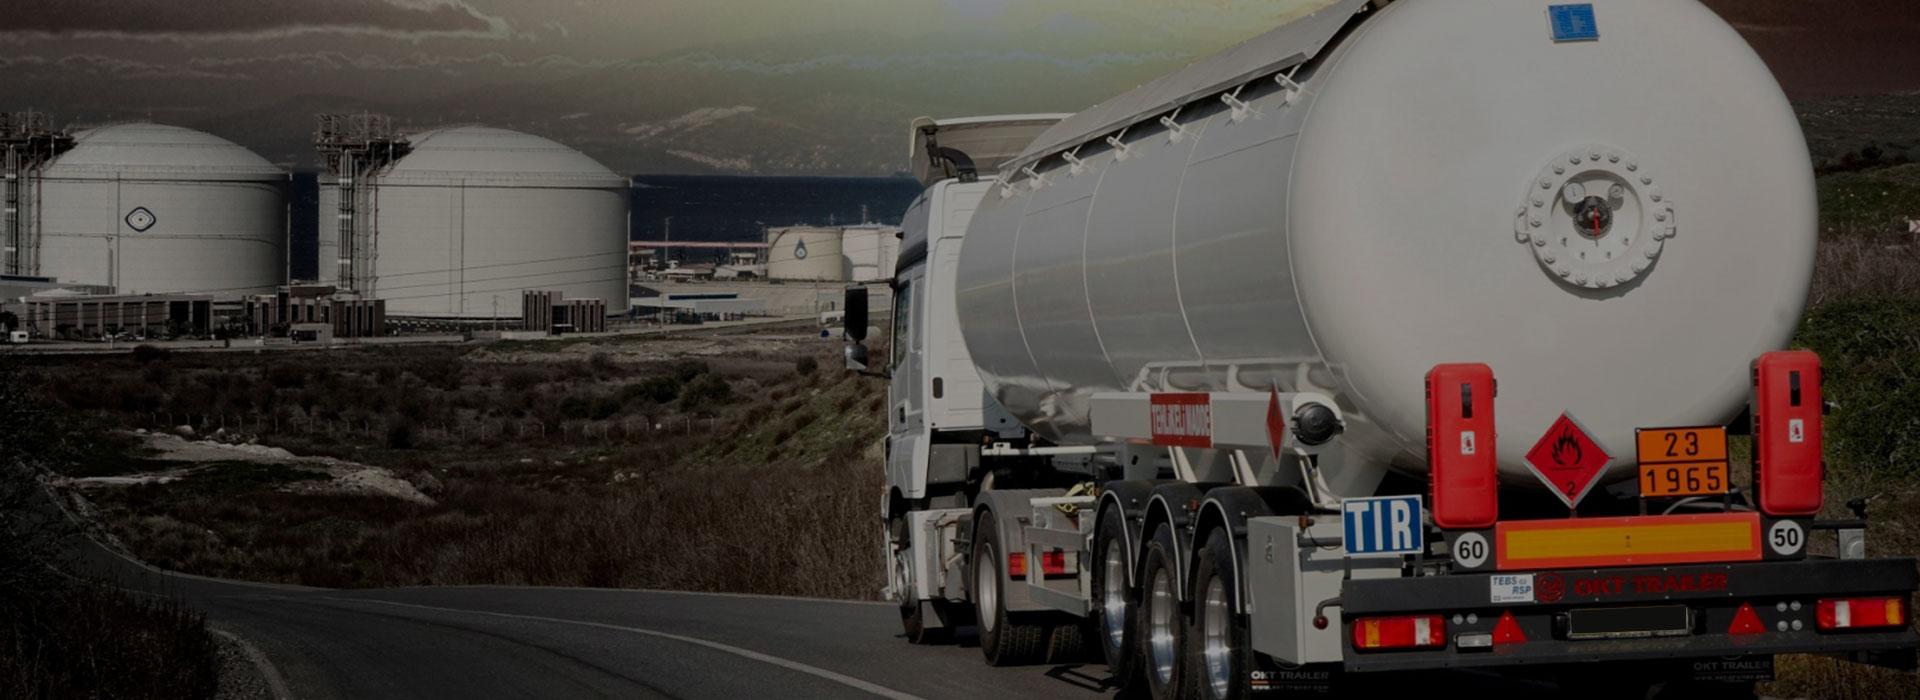 Sürücü medya sürücü kursları için ürün kategorisinde kullanılan arkaplan görseli